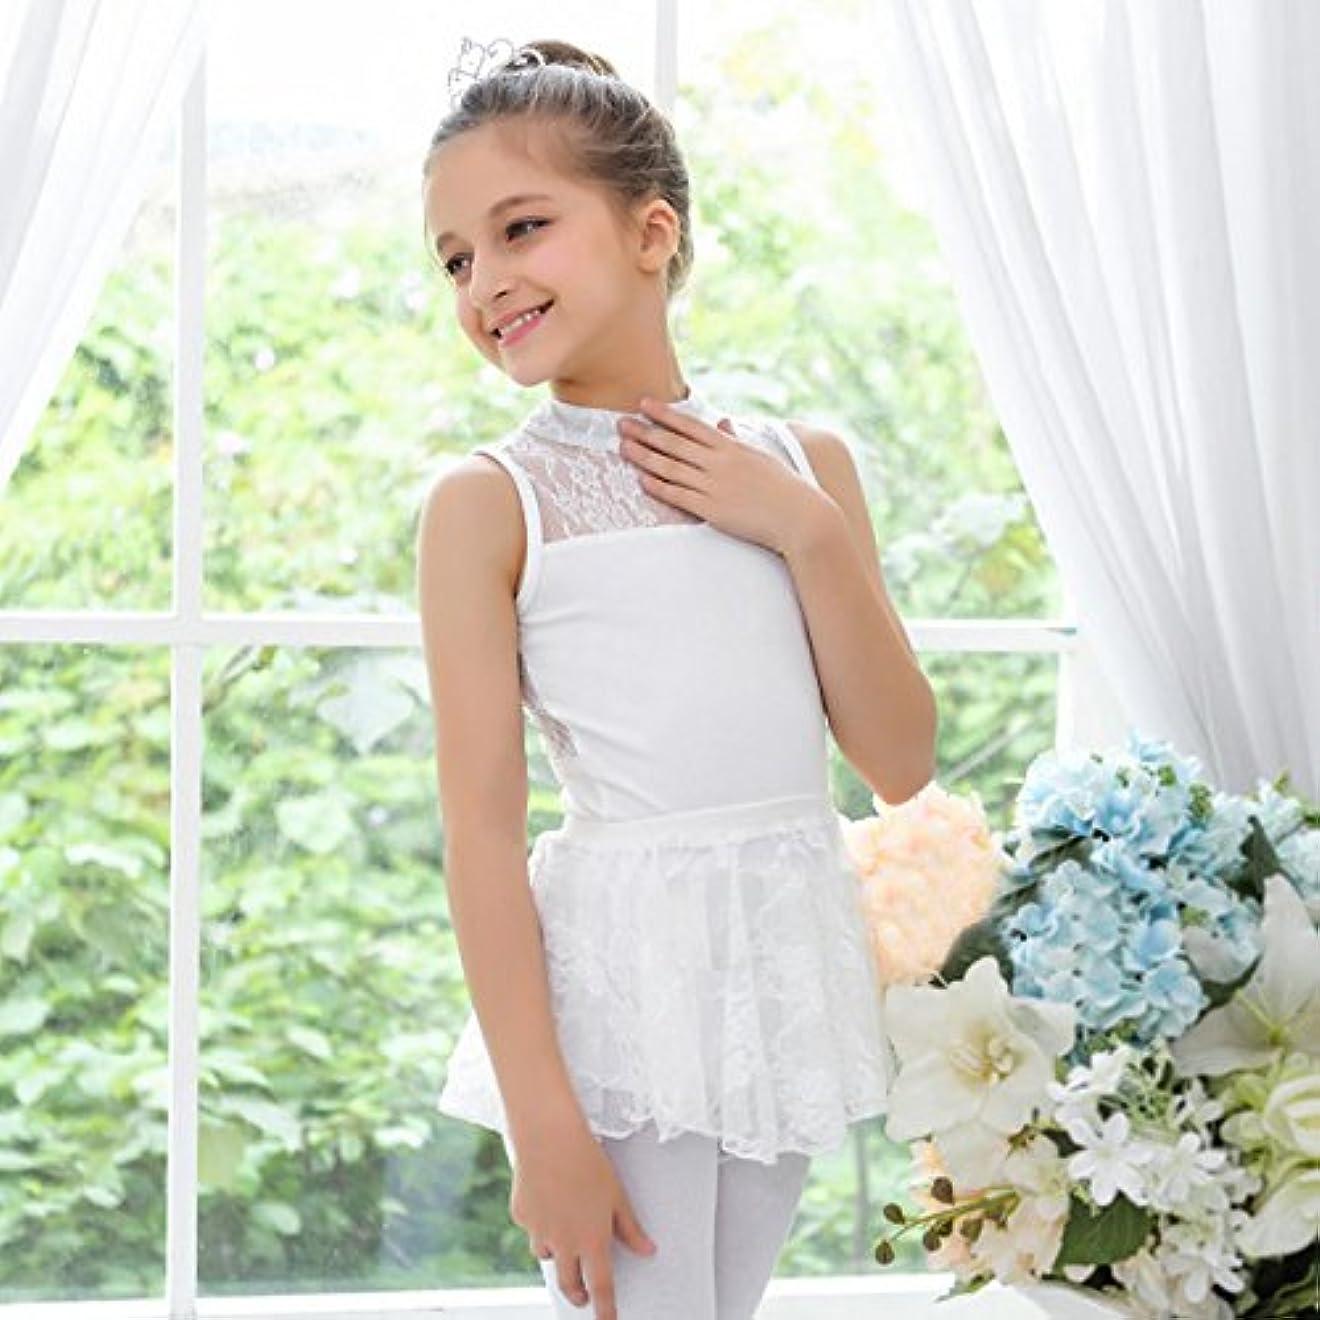 白雪姫回転させる巡礼者Manana ma2 Ballet 2way レオタード スカート セパレート バレエ キッズ ジュニア ガール スナップ付